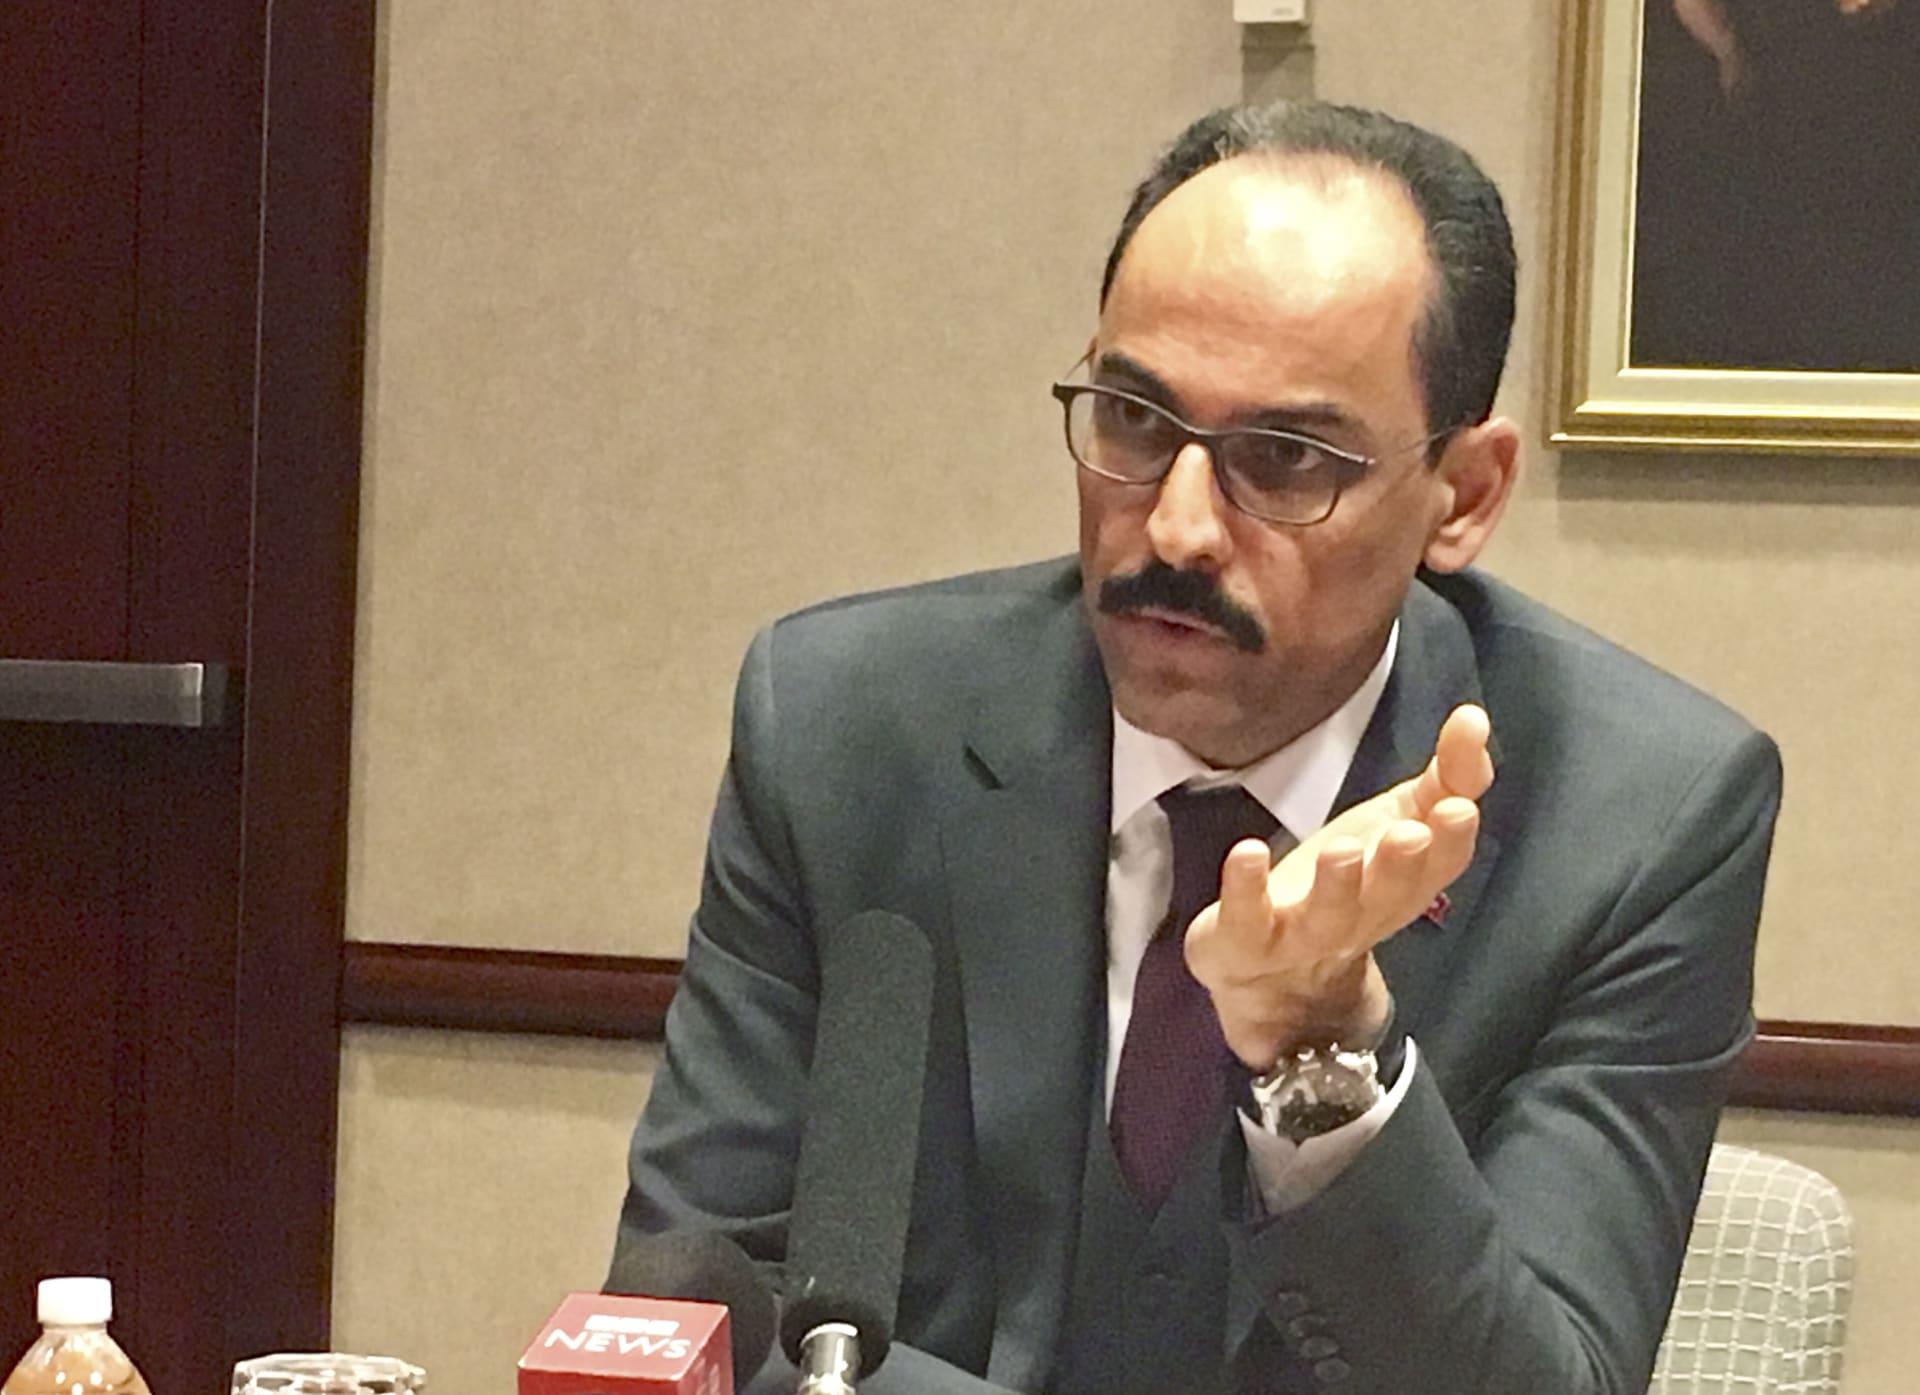 """الرئاسة التركية: مصر """"سعيدة جدًا""""بالاتفاقية البحرية مع حكومة الوفاق.. ولن نحتل ليبيا"""